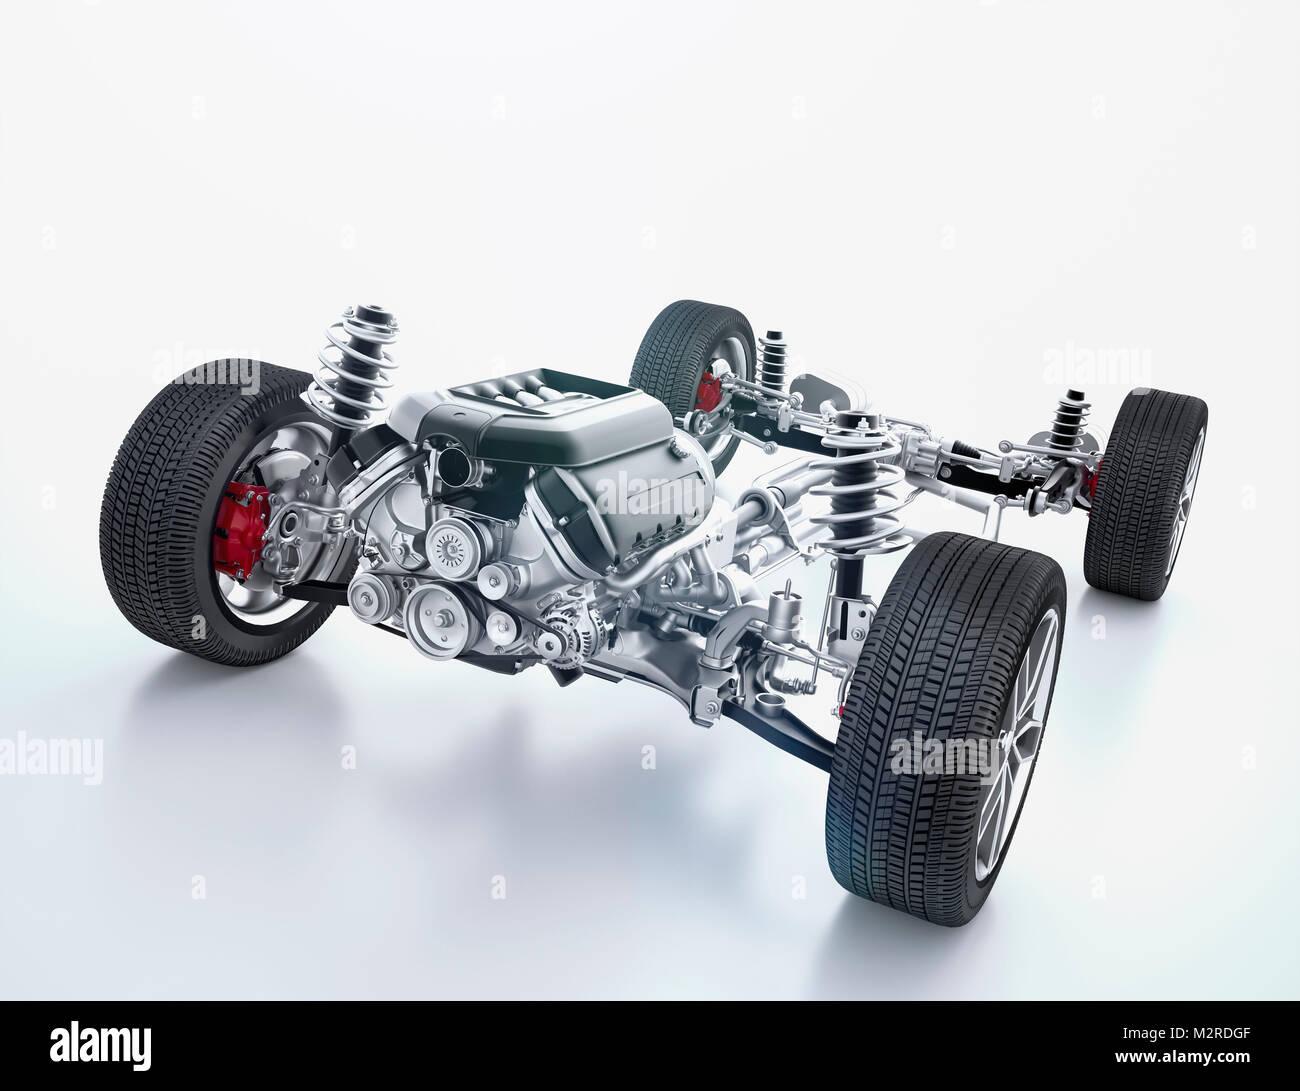 Model Racing Car Stock Photos & Model Racing Car Stock Images - Alamy